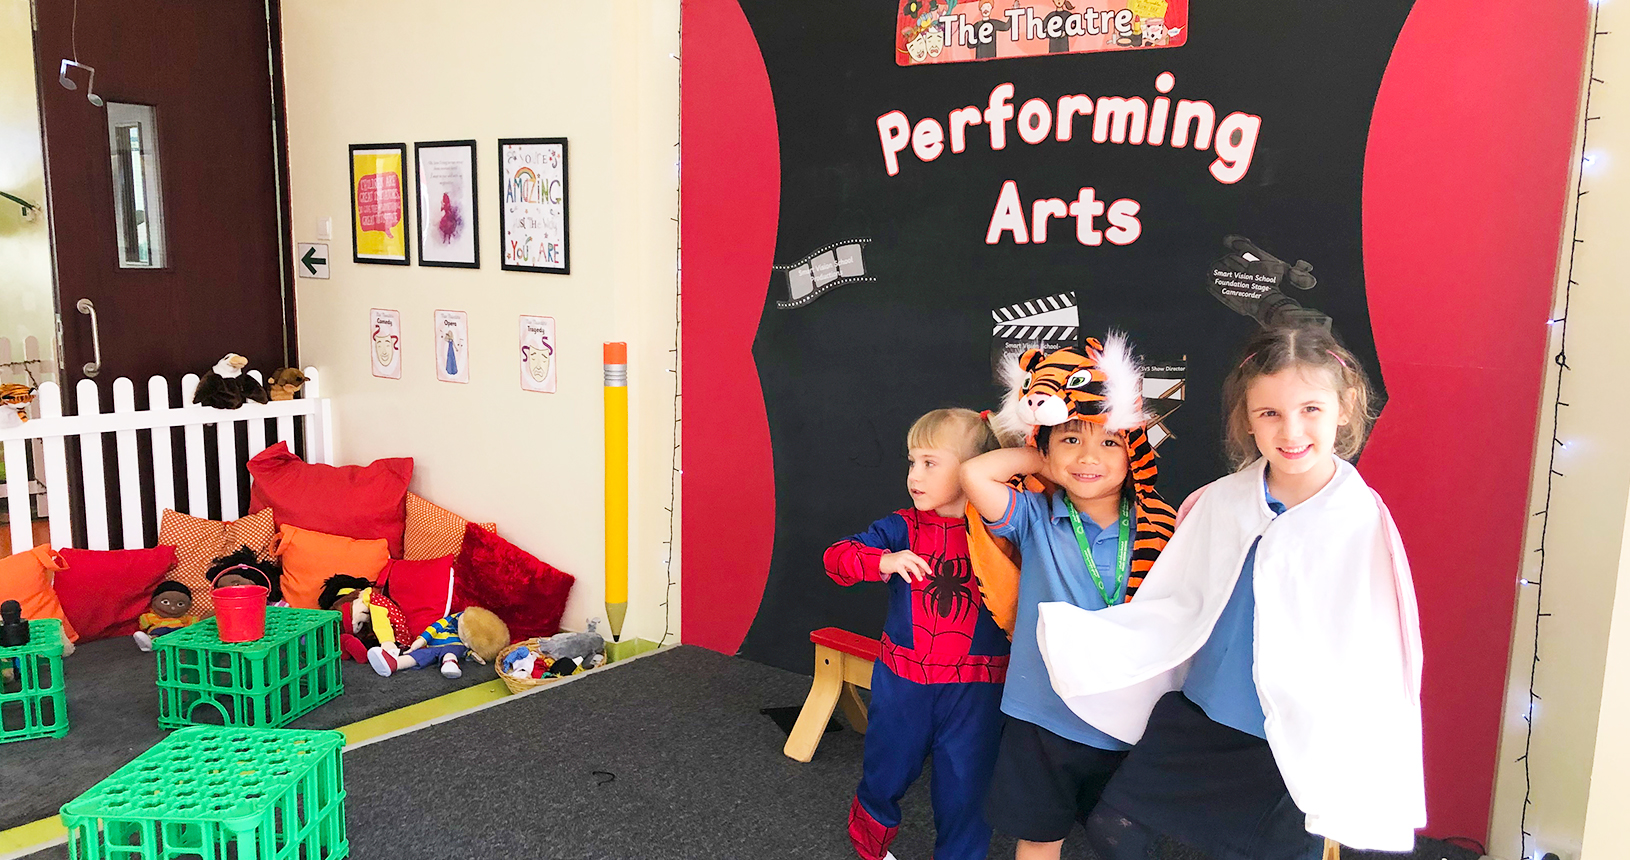 Smart Vision School Performing Arts Area